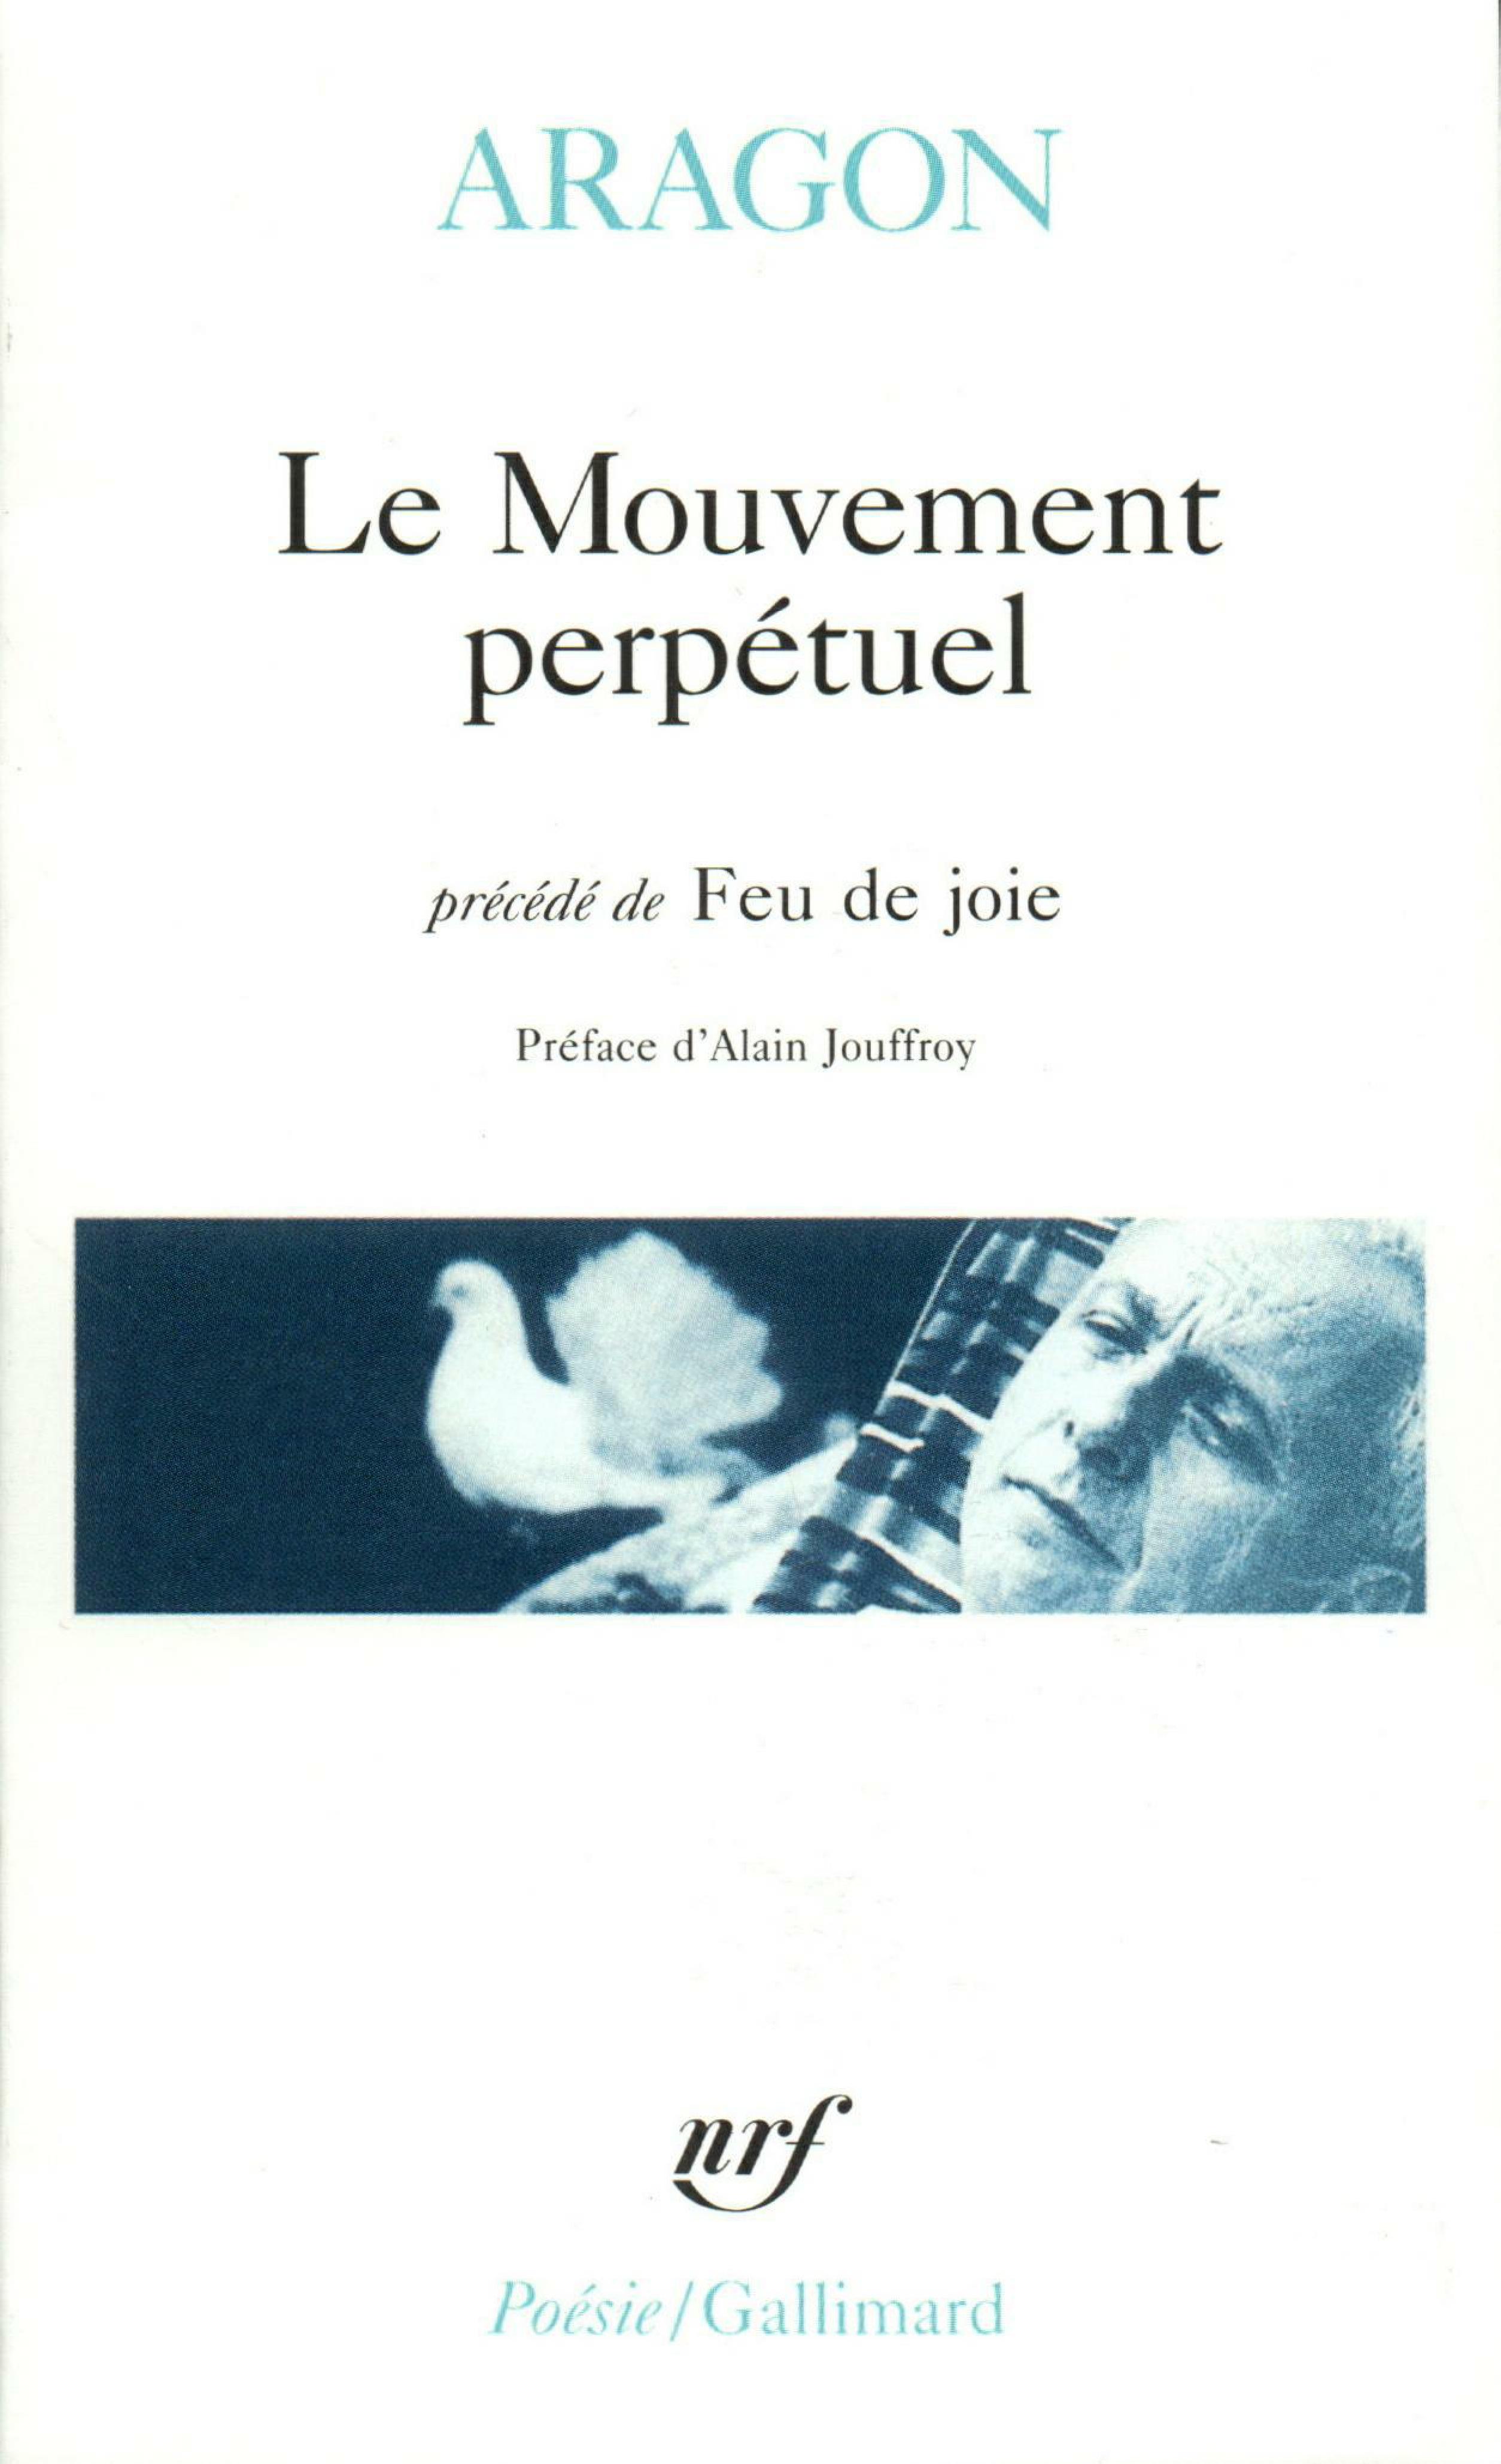 Le Mouvement perpétuel / Écritures automatiques / Feu de joie